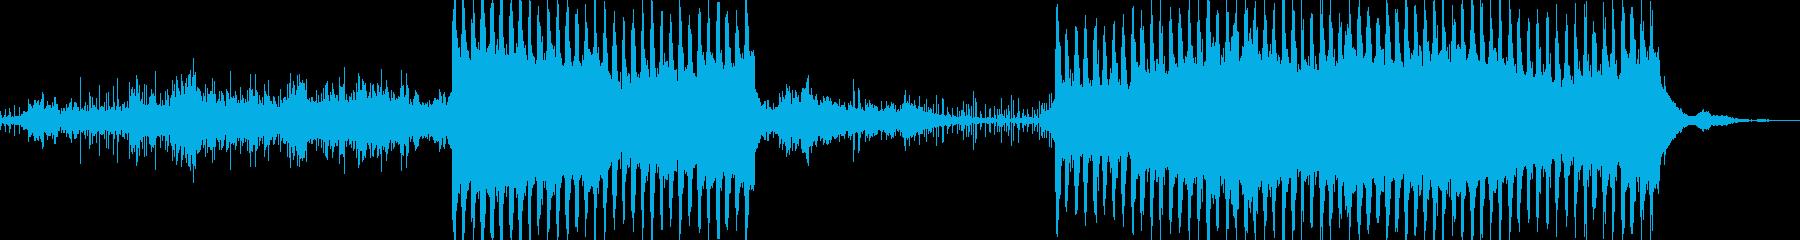 エレクトロニューエイジ研究所神秘的...の再生済みの波形